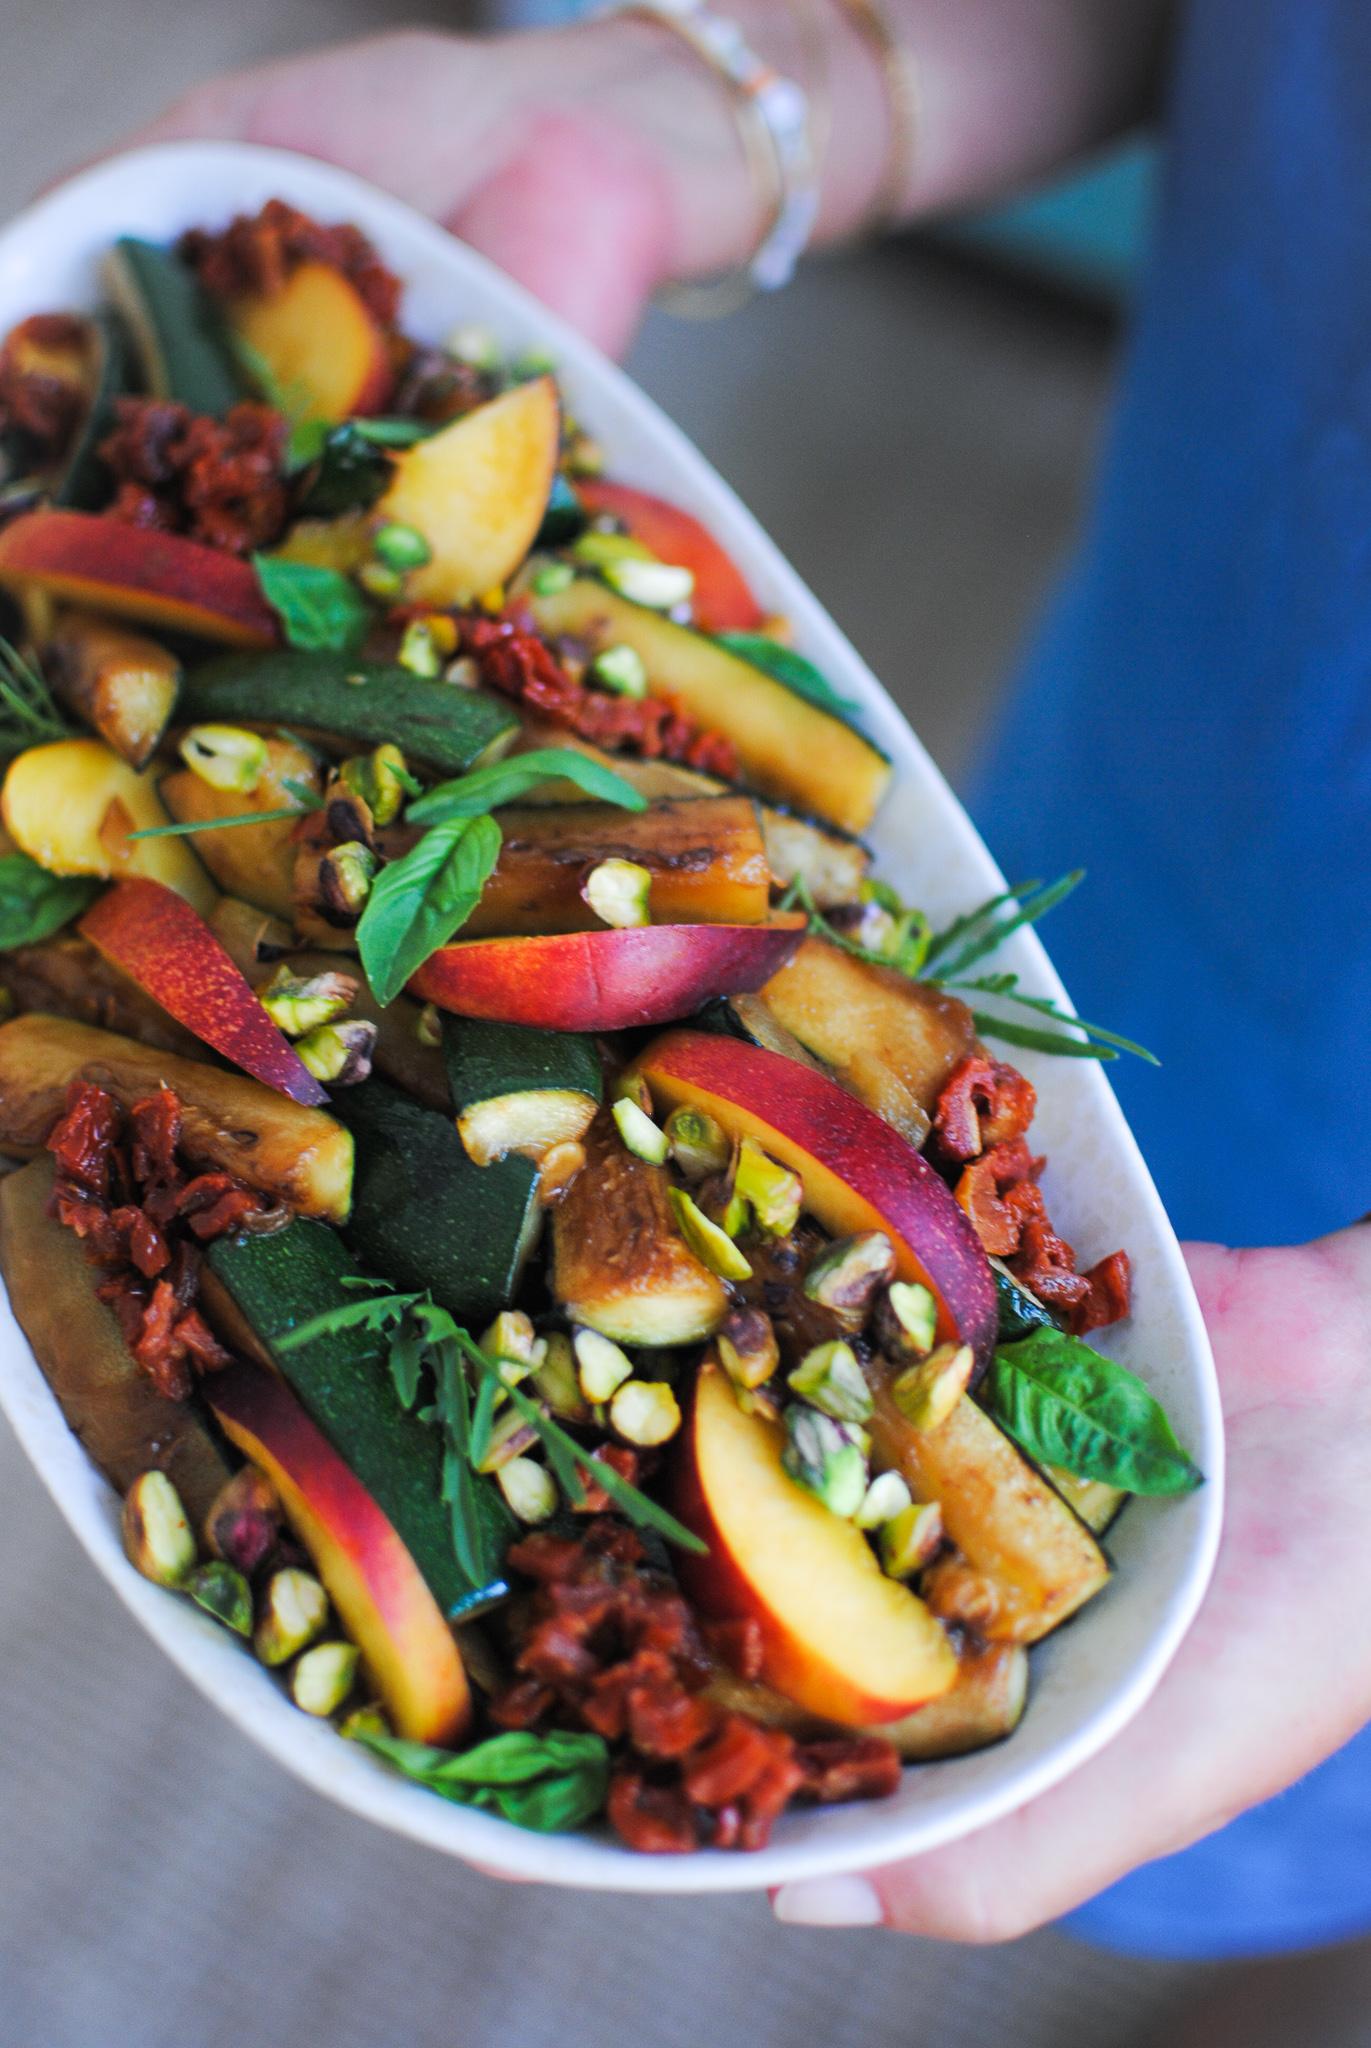 grelhada, nectarina e tomate seco | please consider | joana limao